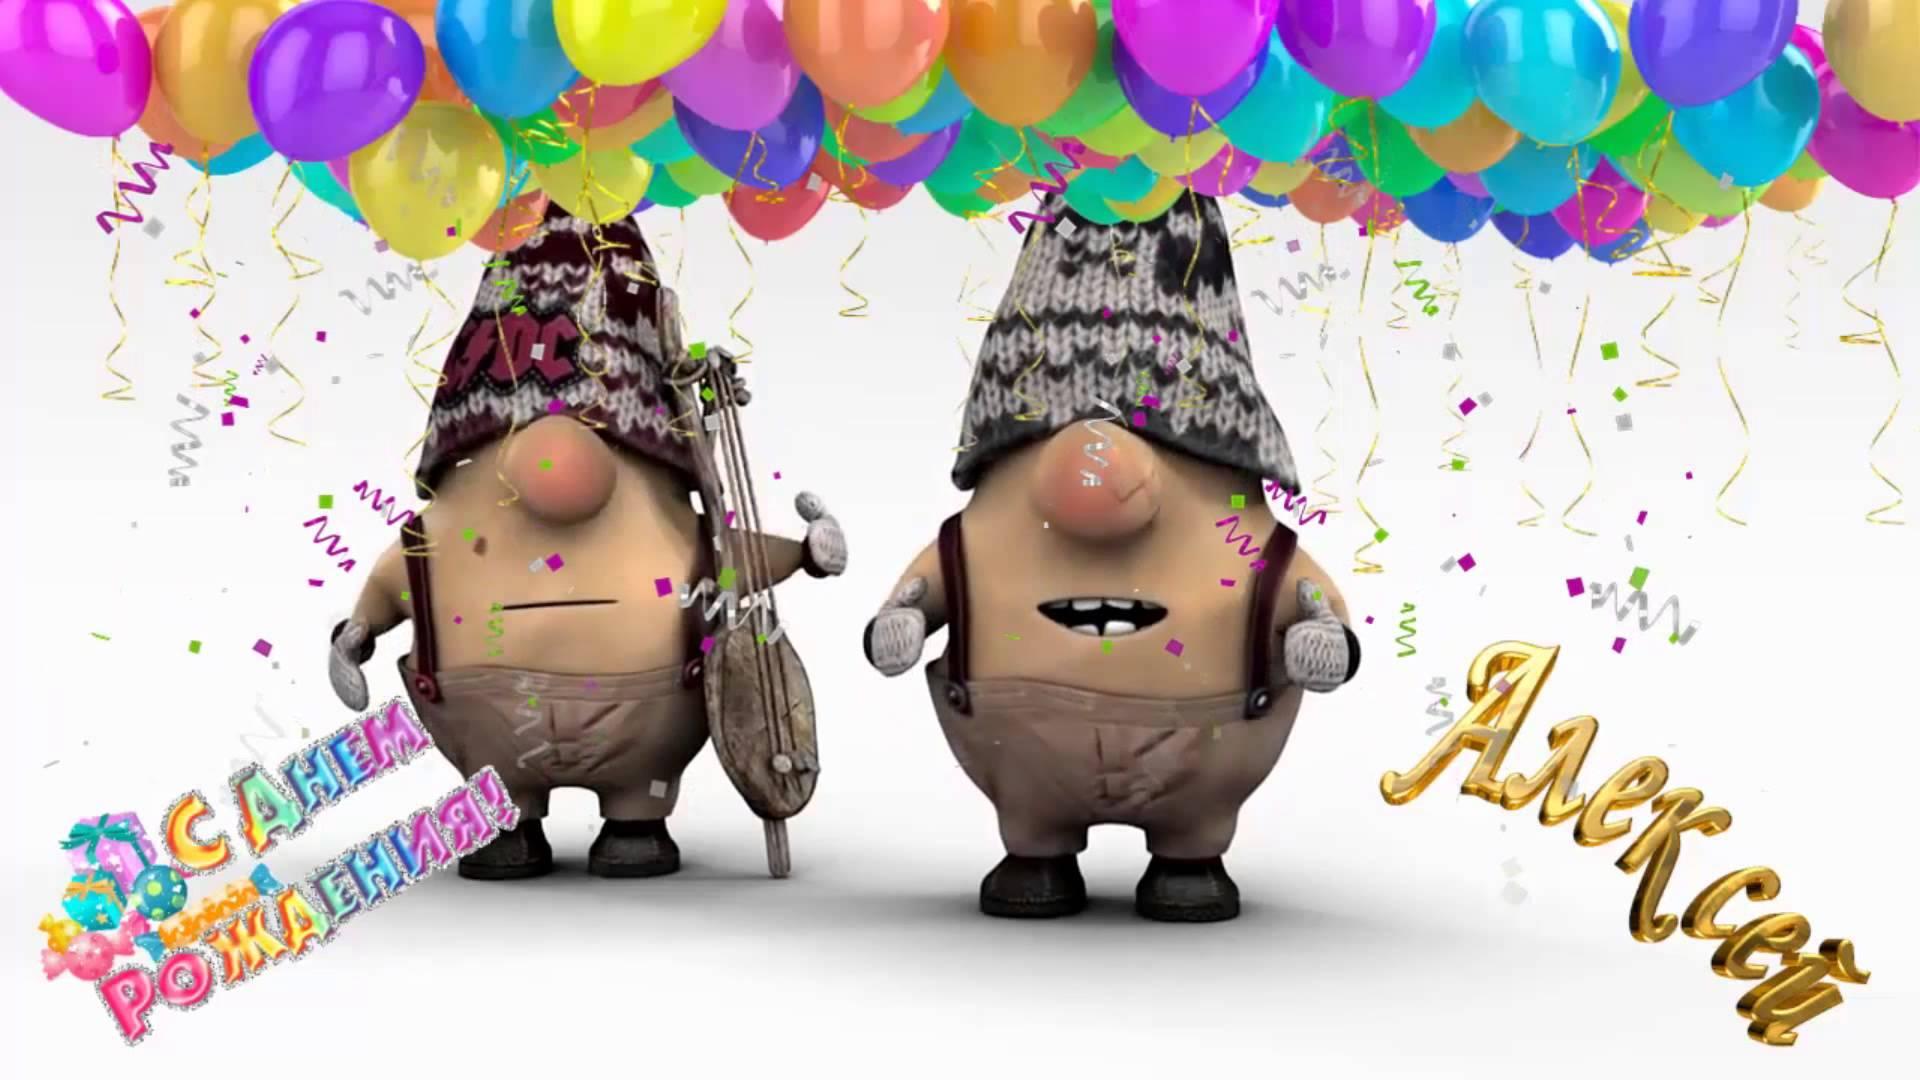 Картинки прикольные про день рождения лехи